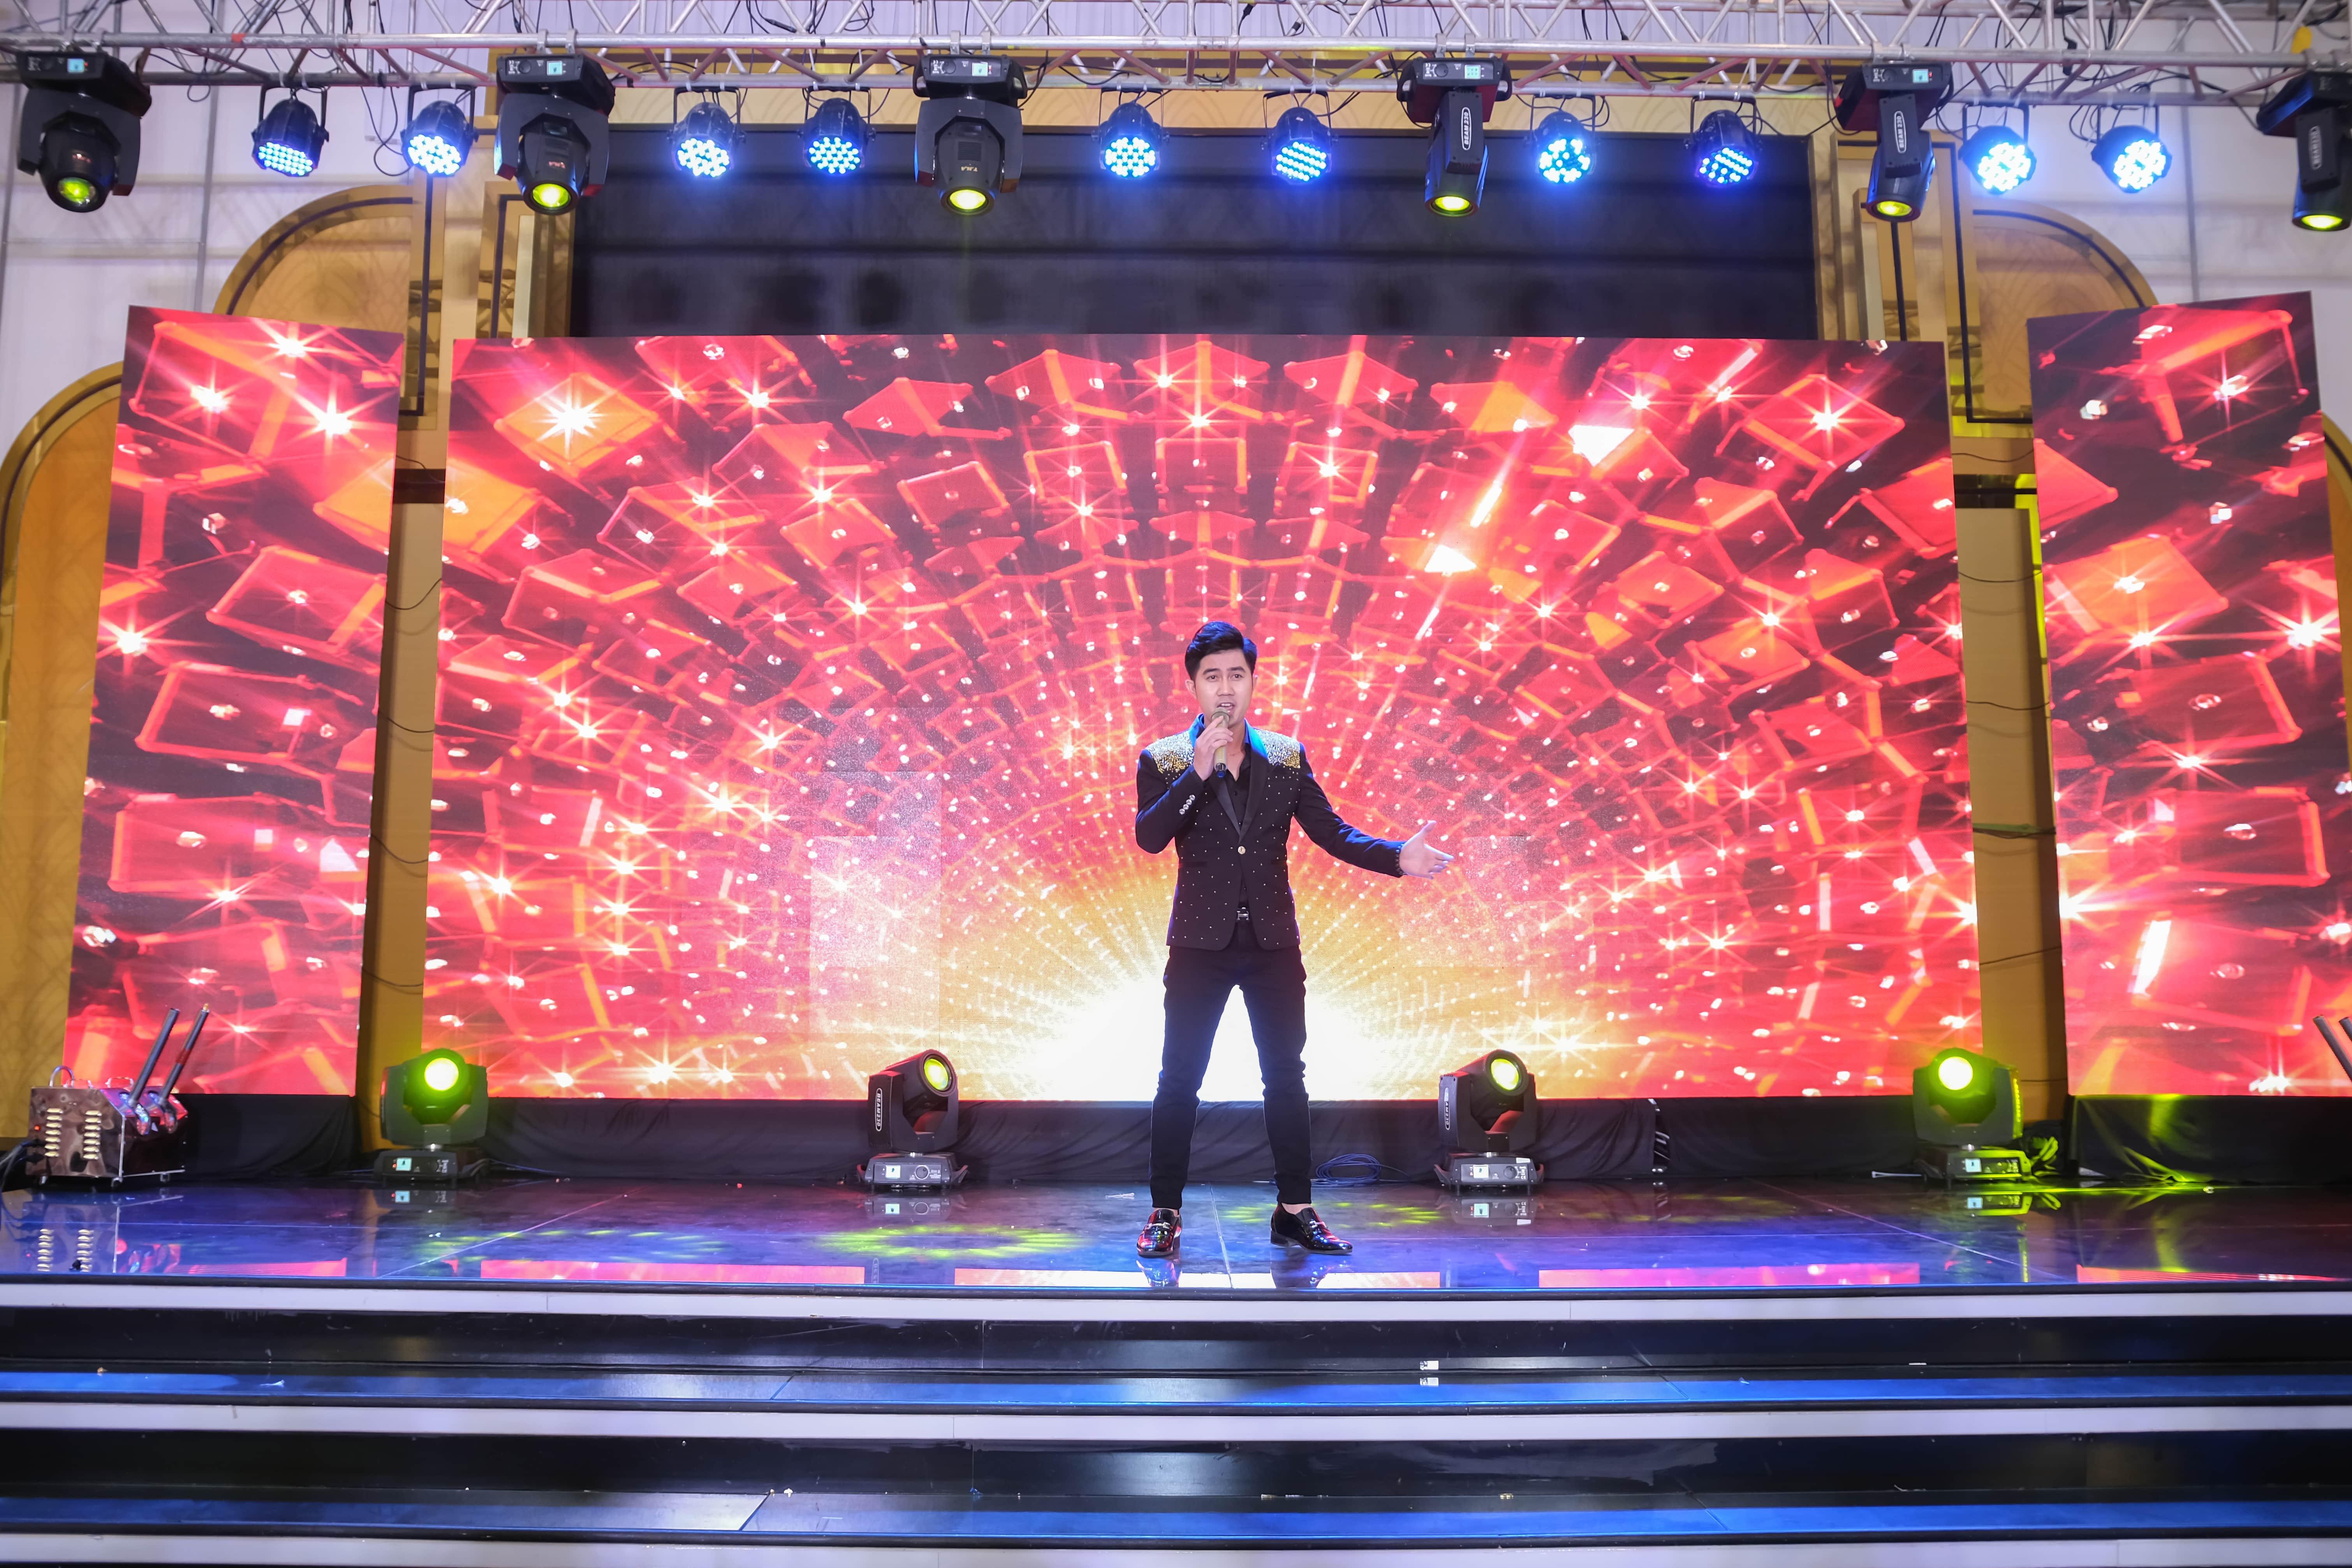 Ca sĩ Bằng Cường giao lưu trong chương trình tổ chức sự kiện